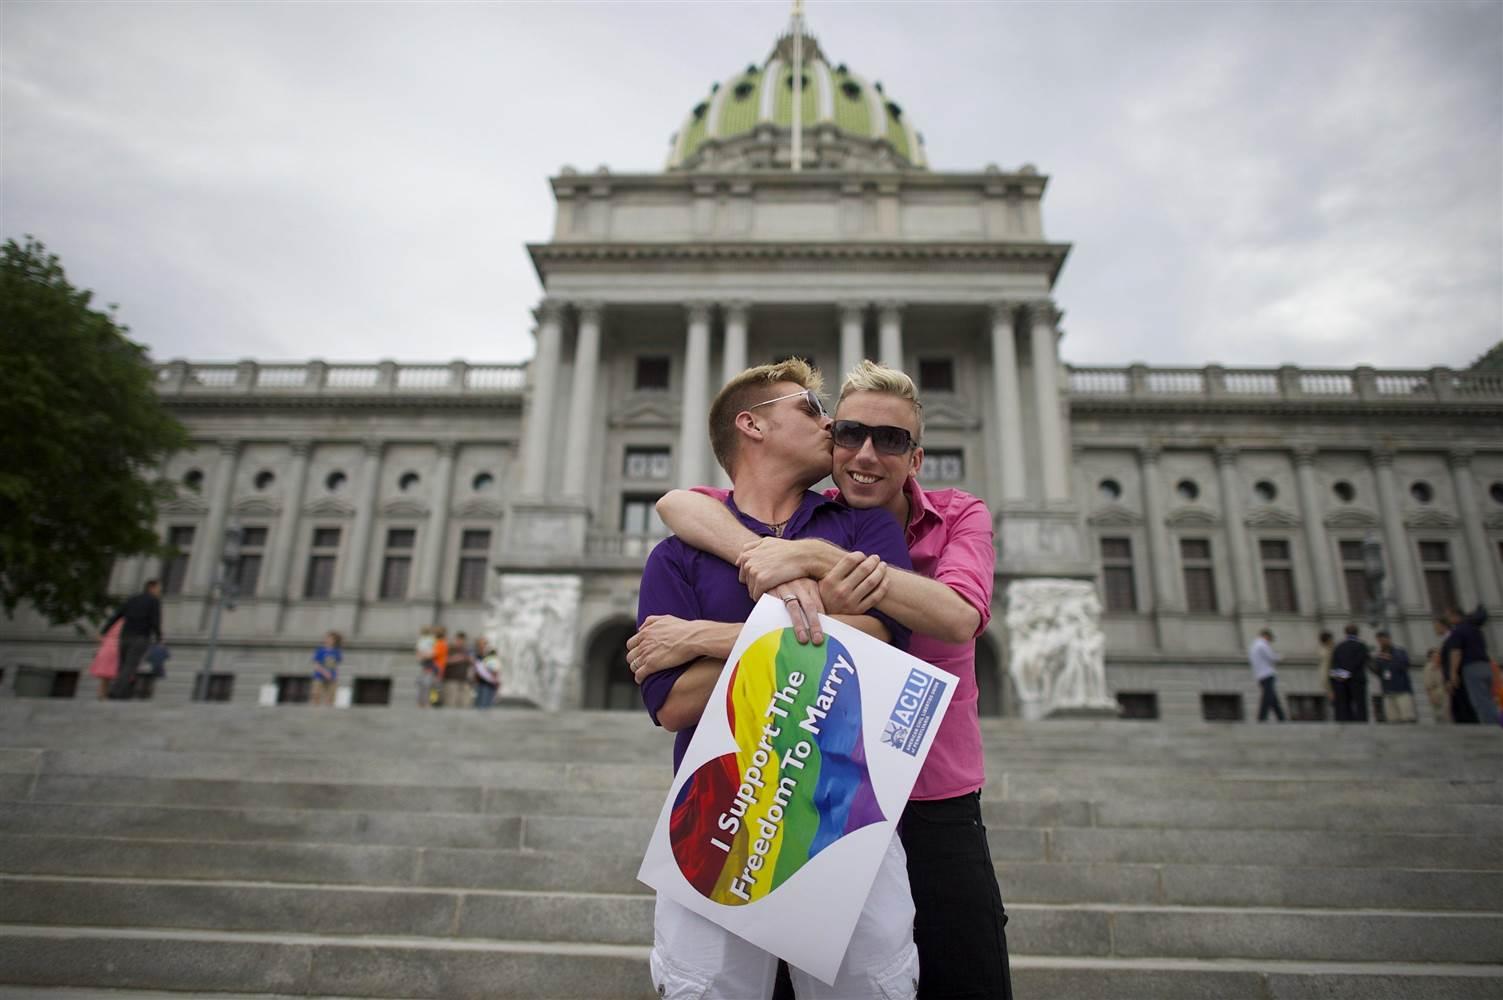 140521-gay-marriage-pennsylvania_0c36543fef5ed222665644728afcc50f.nbcnews-ux-2880-1000